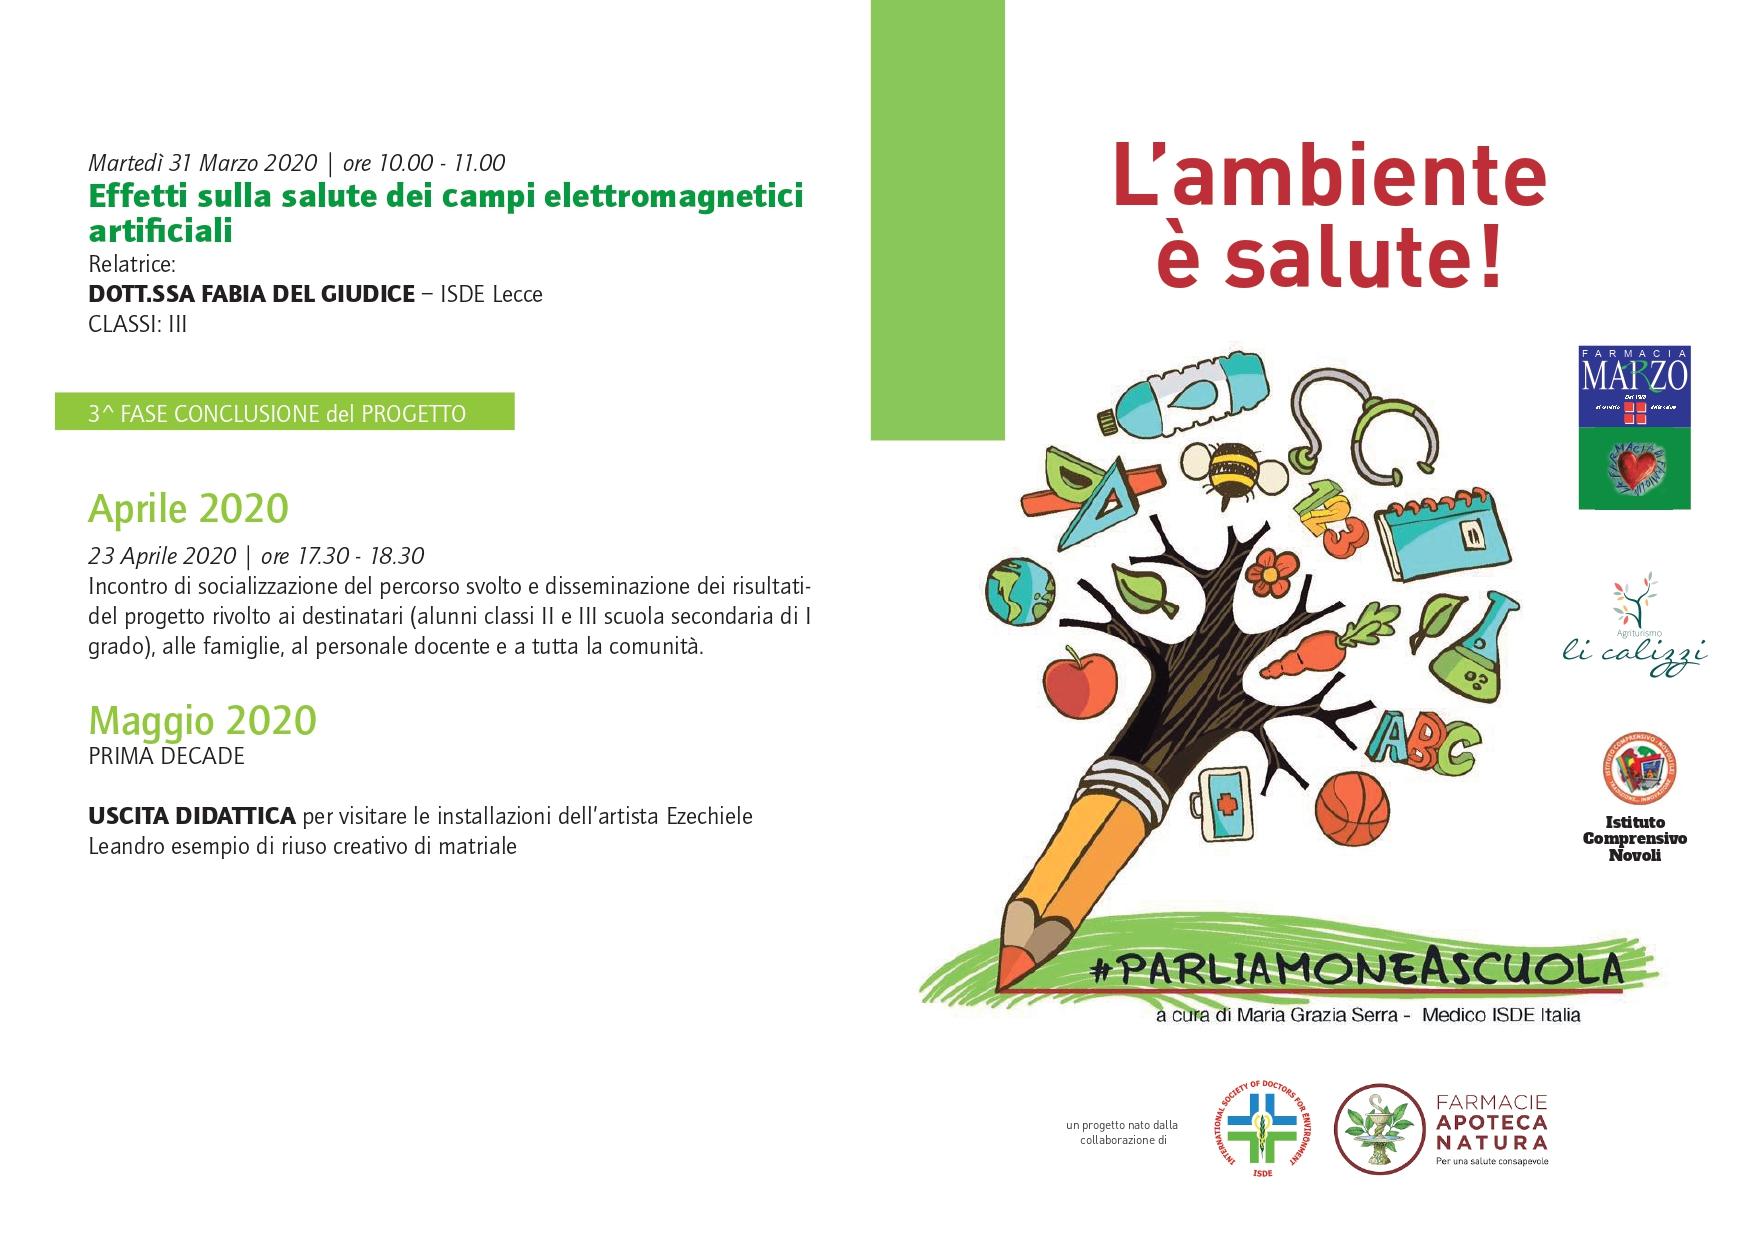 Progetto L Ambiente E Salute Avvio Attivita E Calendario Incontri A S 2019 2020 Istituto Comprensivo Novoli